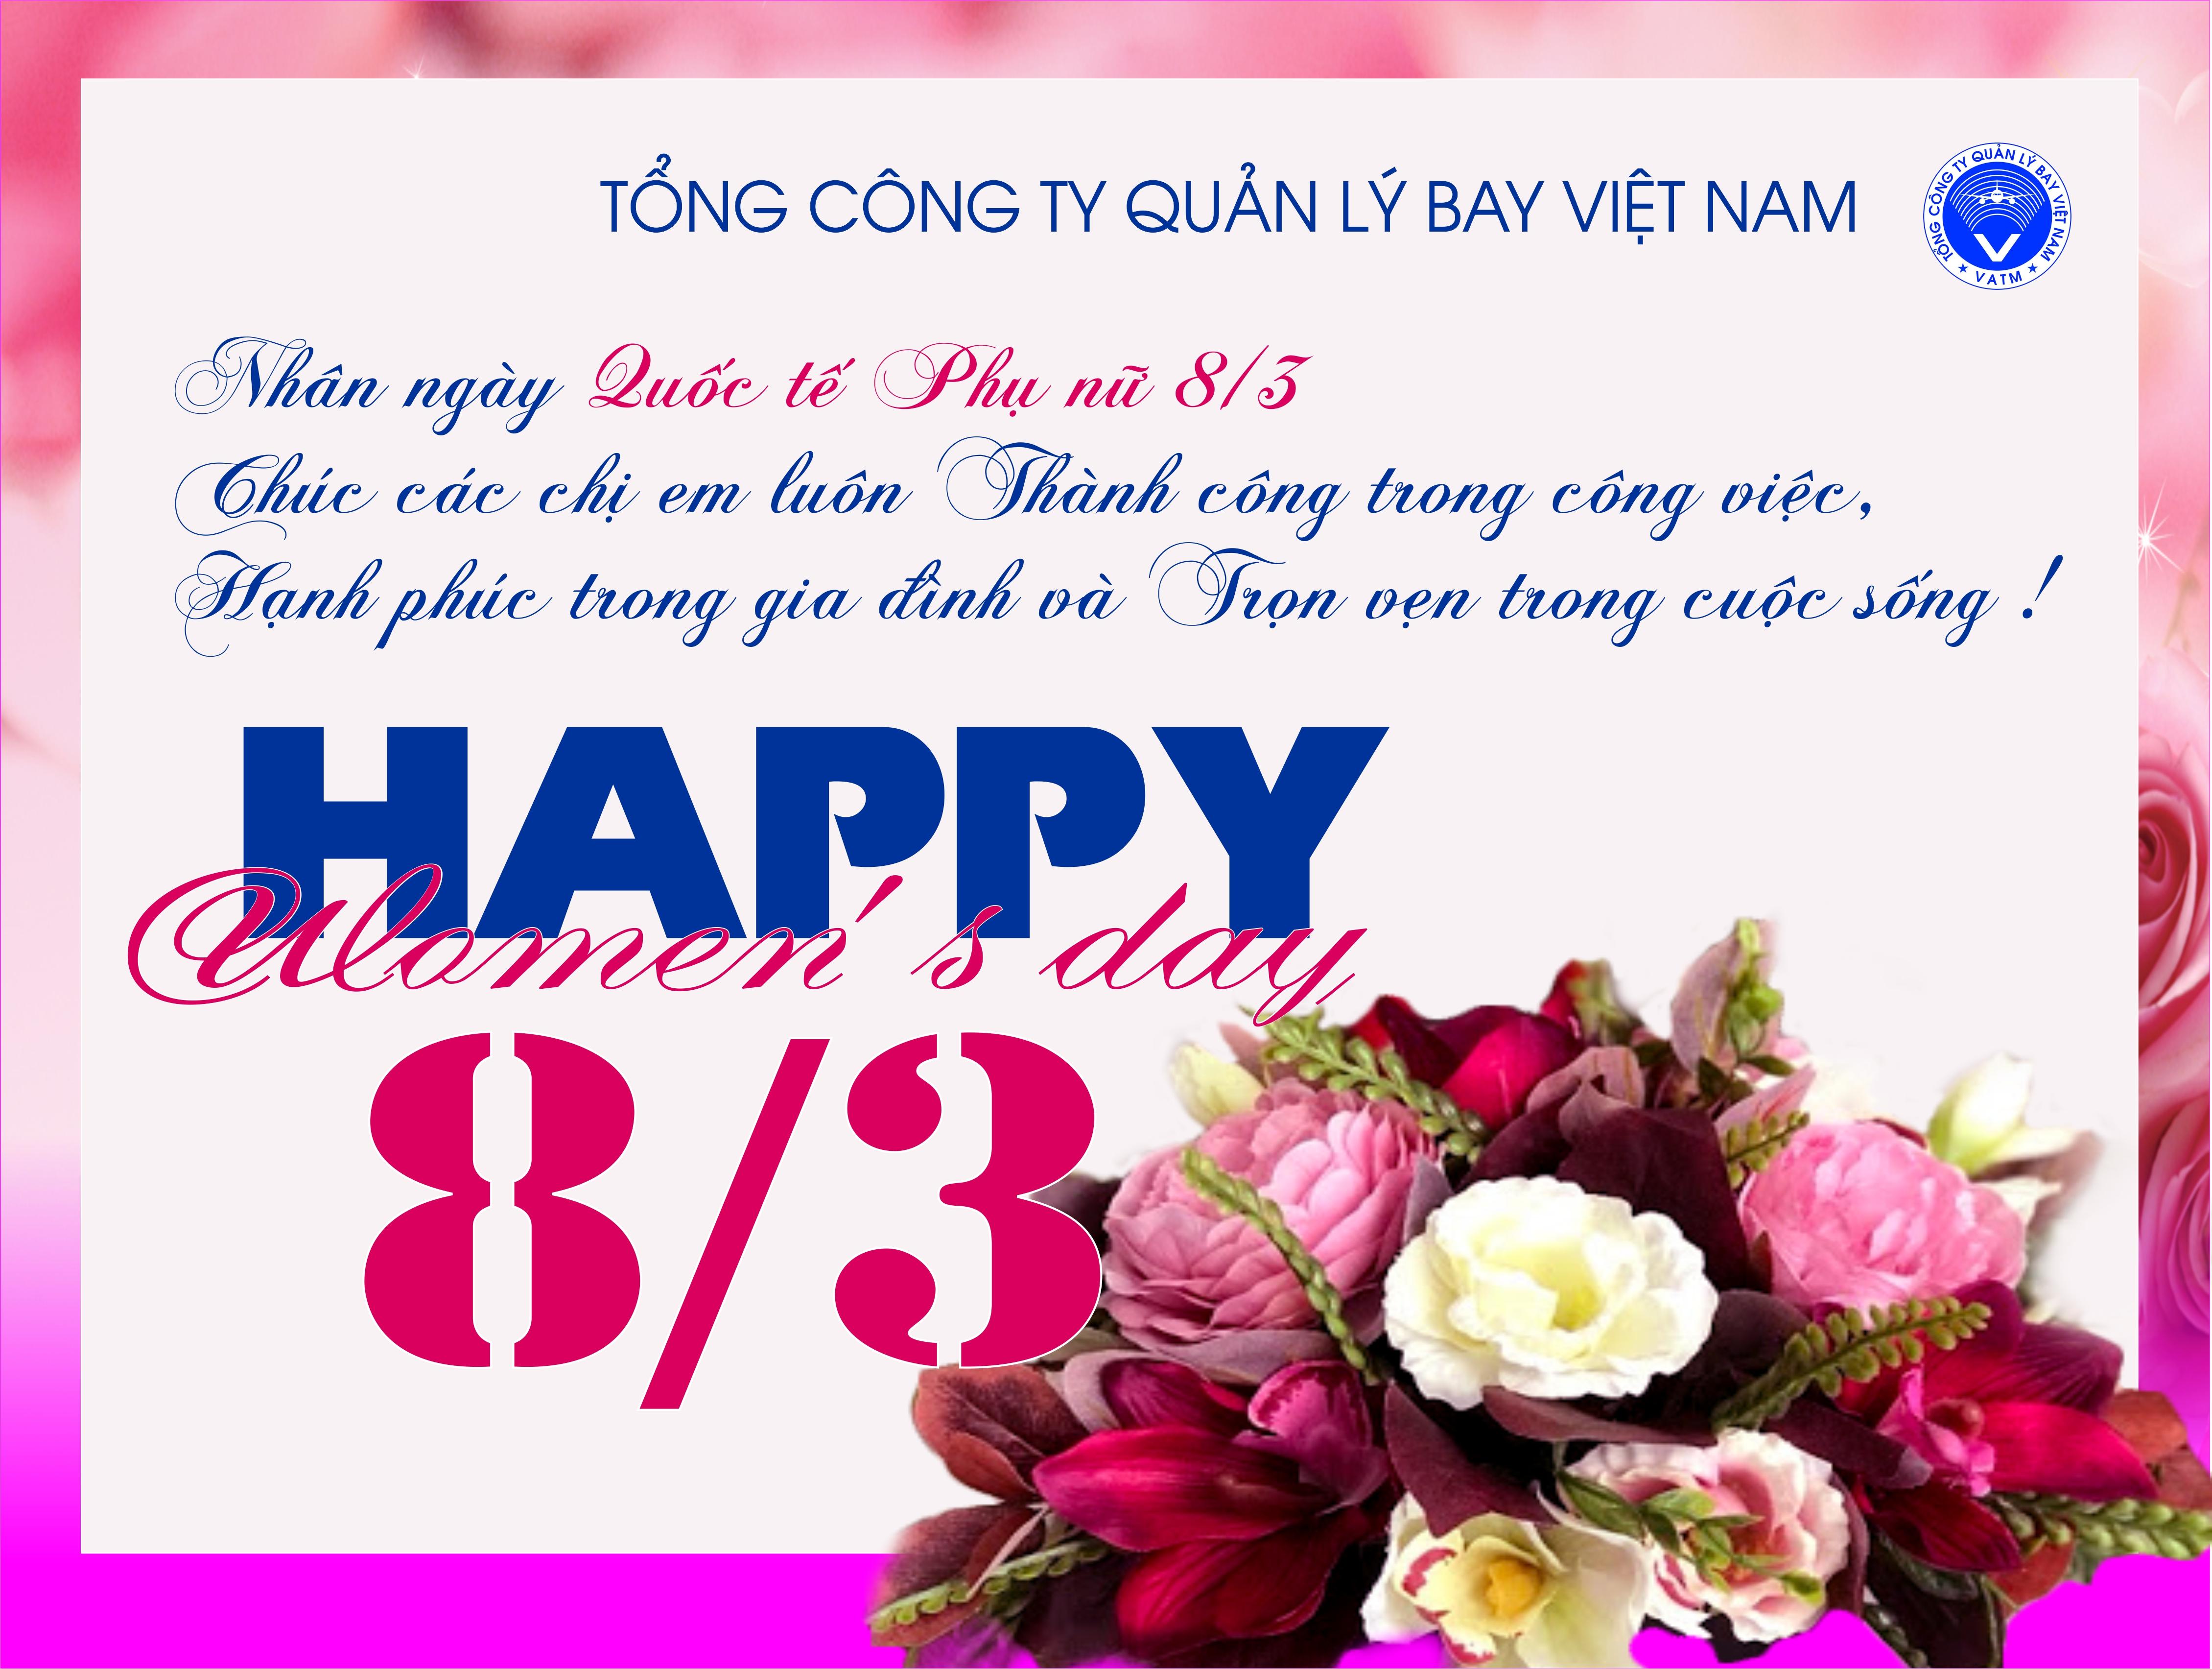 Lãnh đạo VATM gửi thư chúc mừng ngày Quốc tế Phụ nữ 8/3